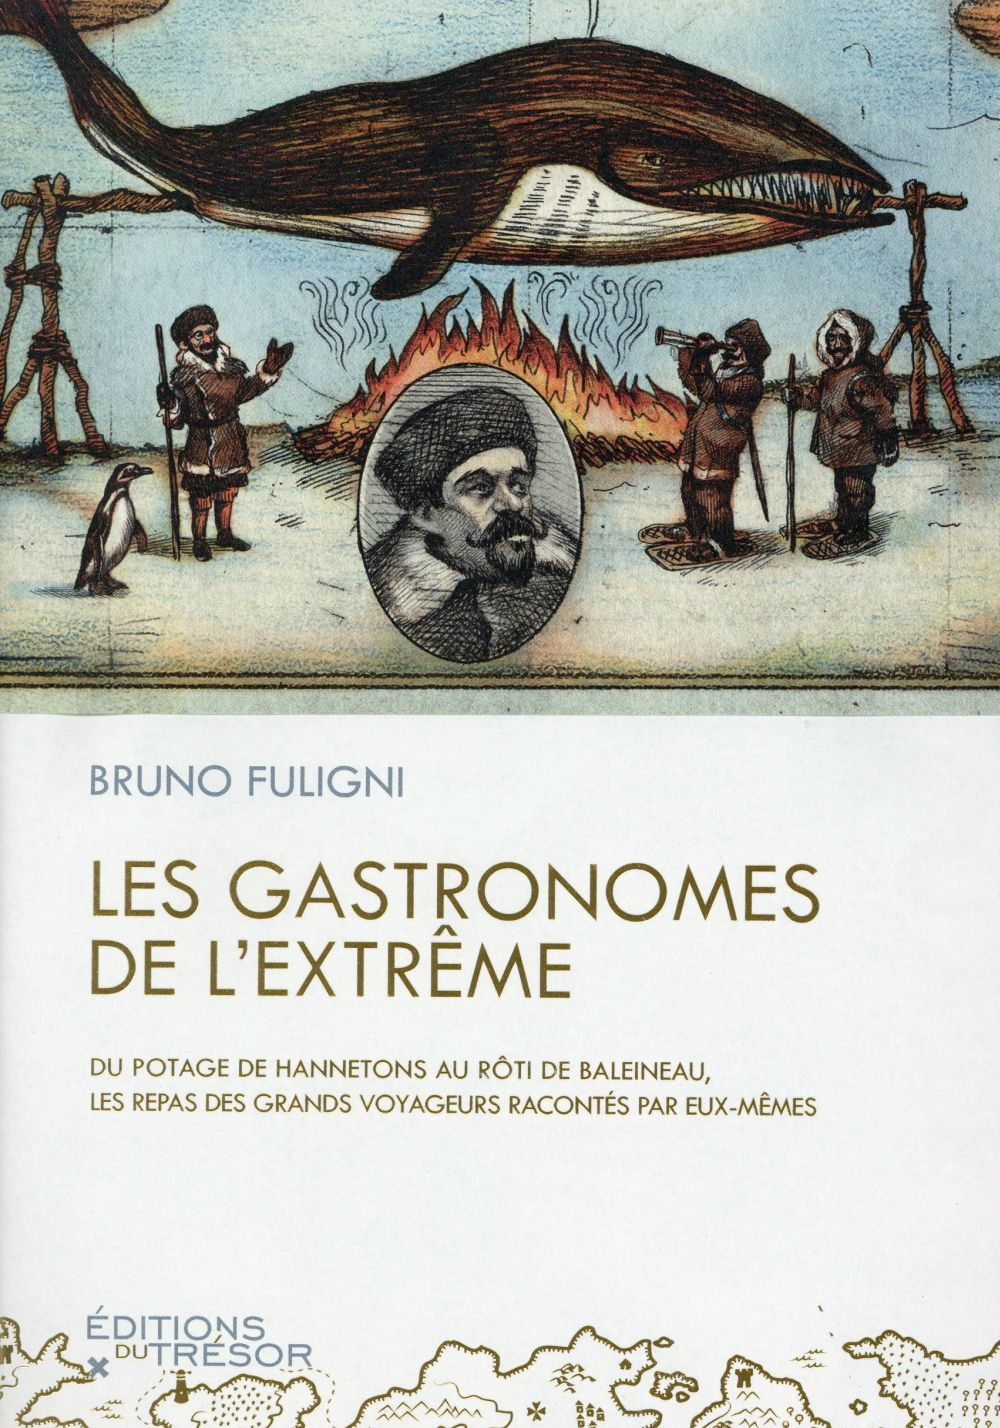 LES GASTRONOMES DE L EXTREME